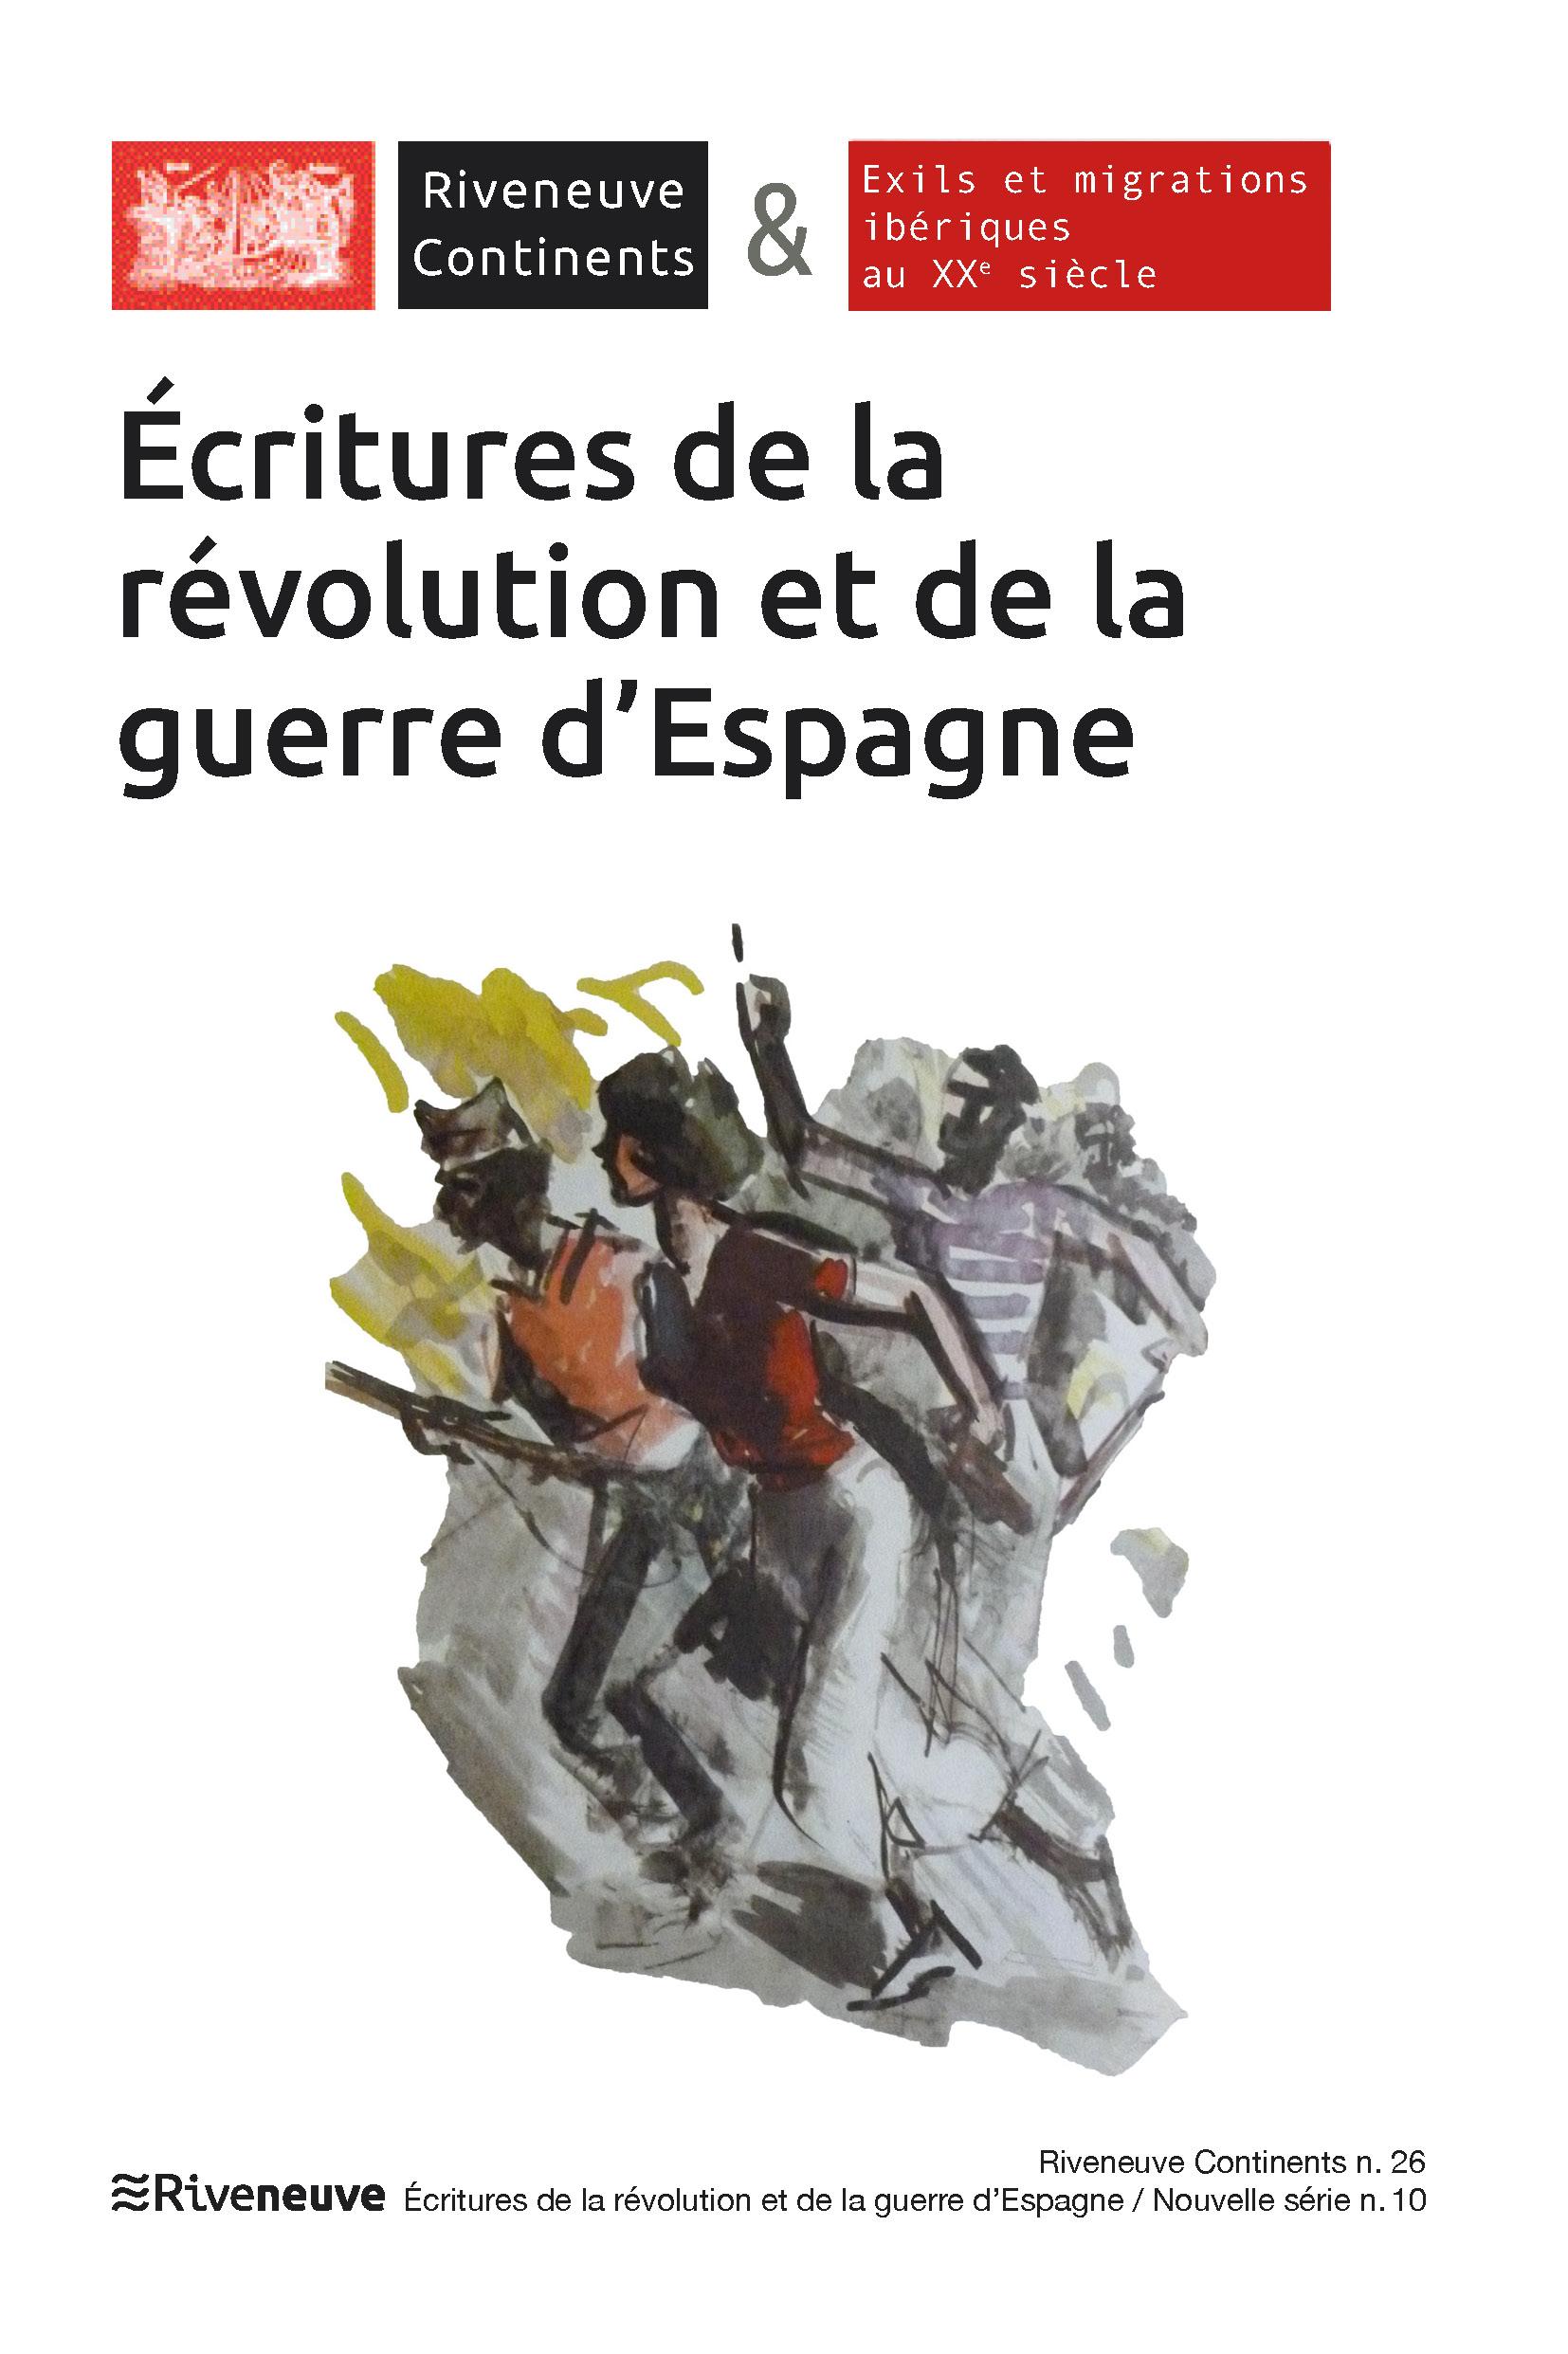 Ecritures de la révolution et de la guerre d'Espagne